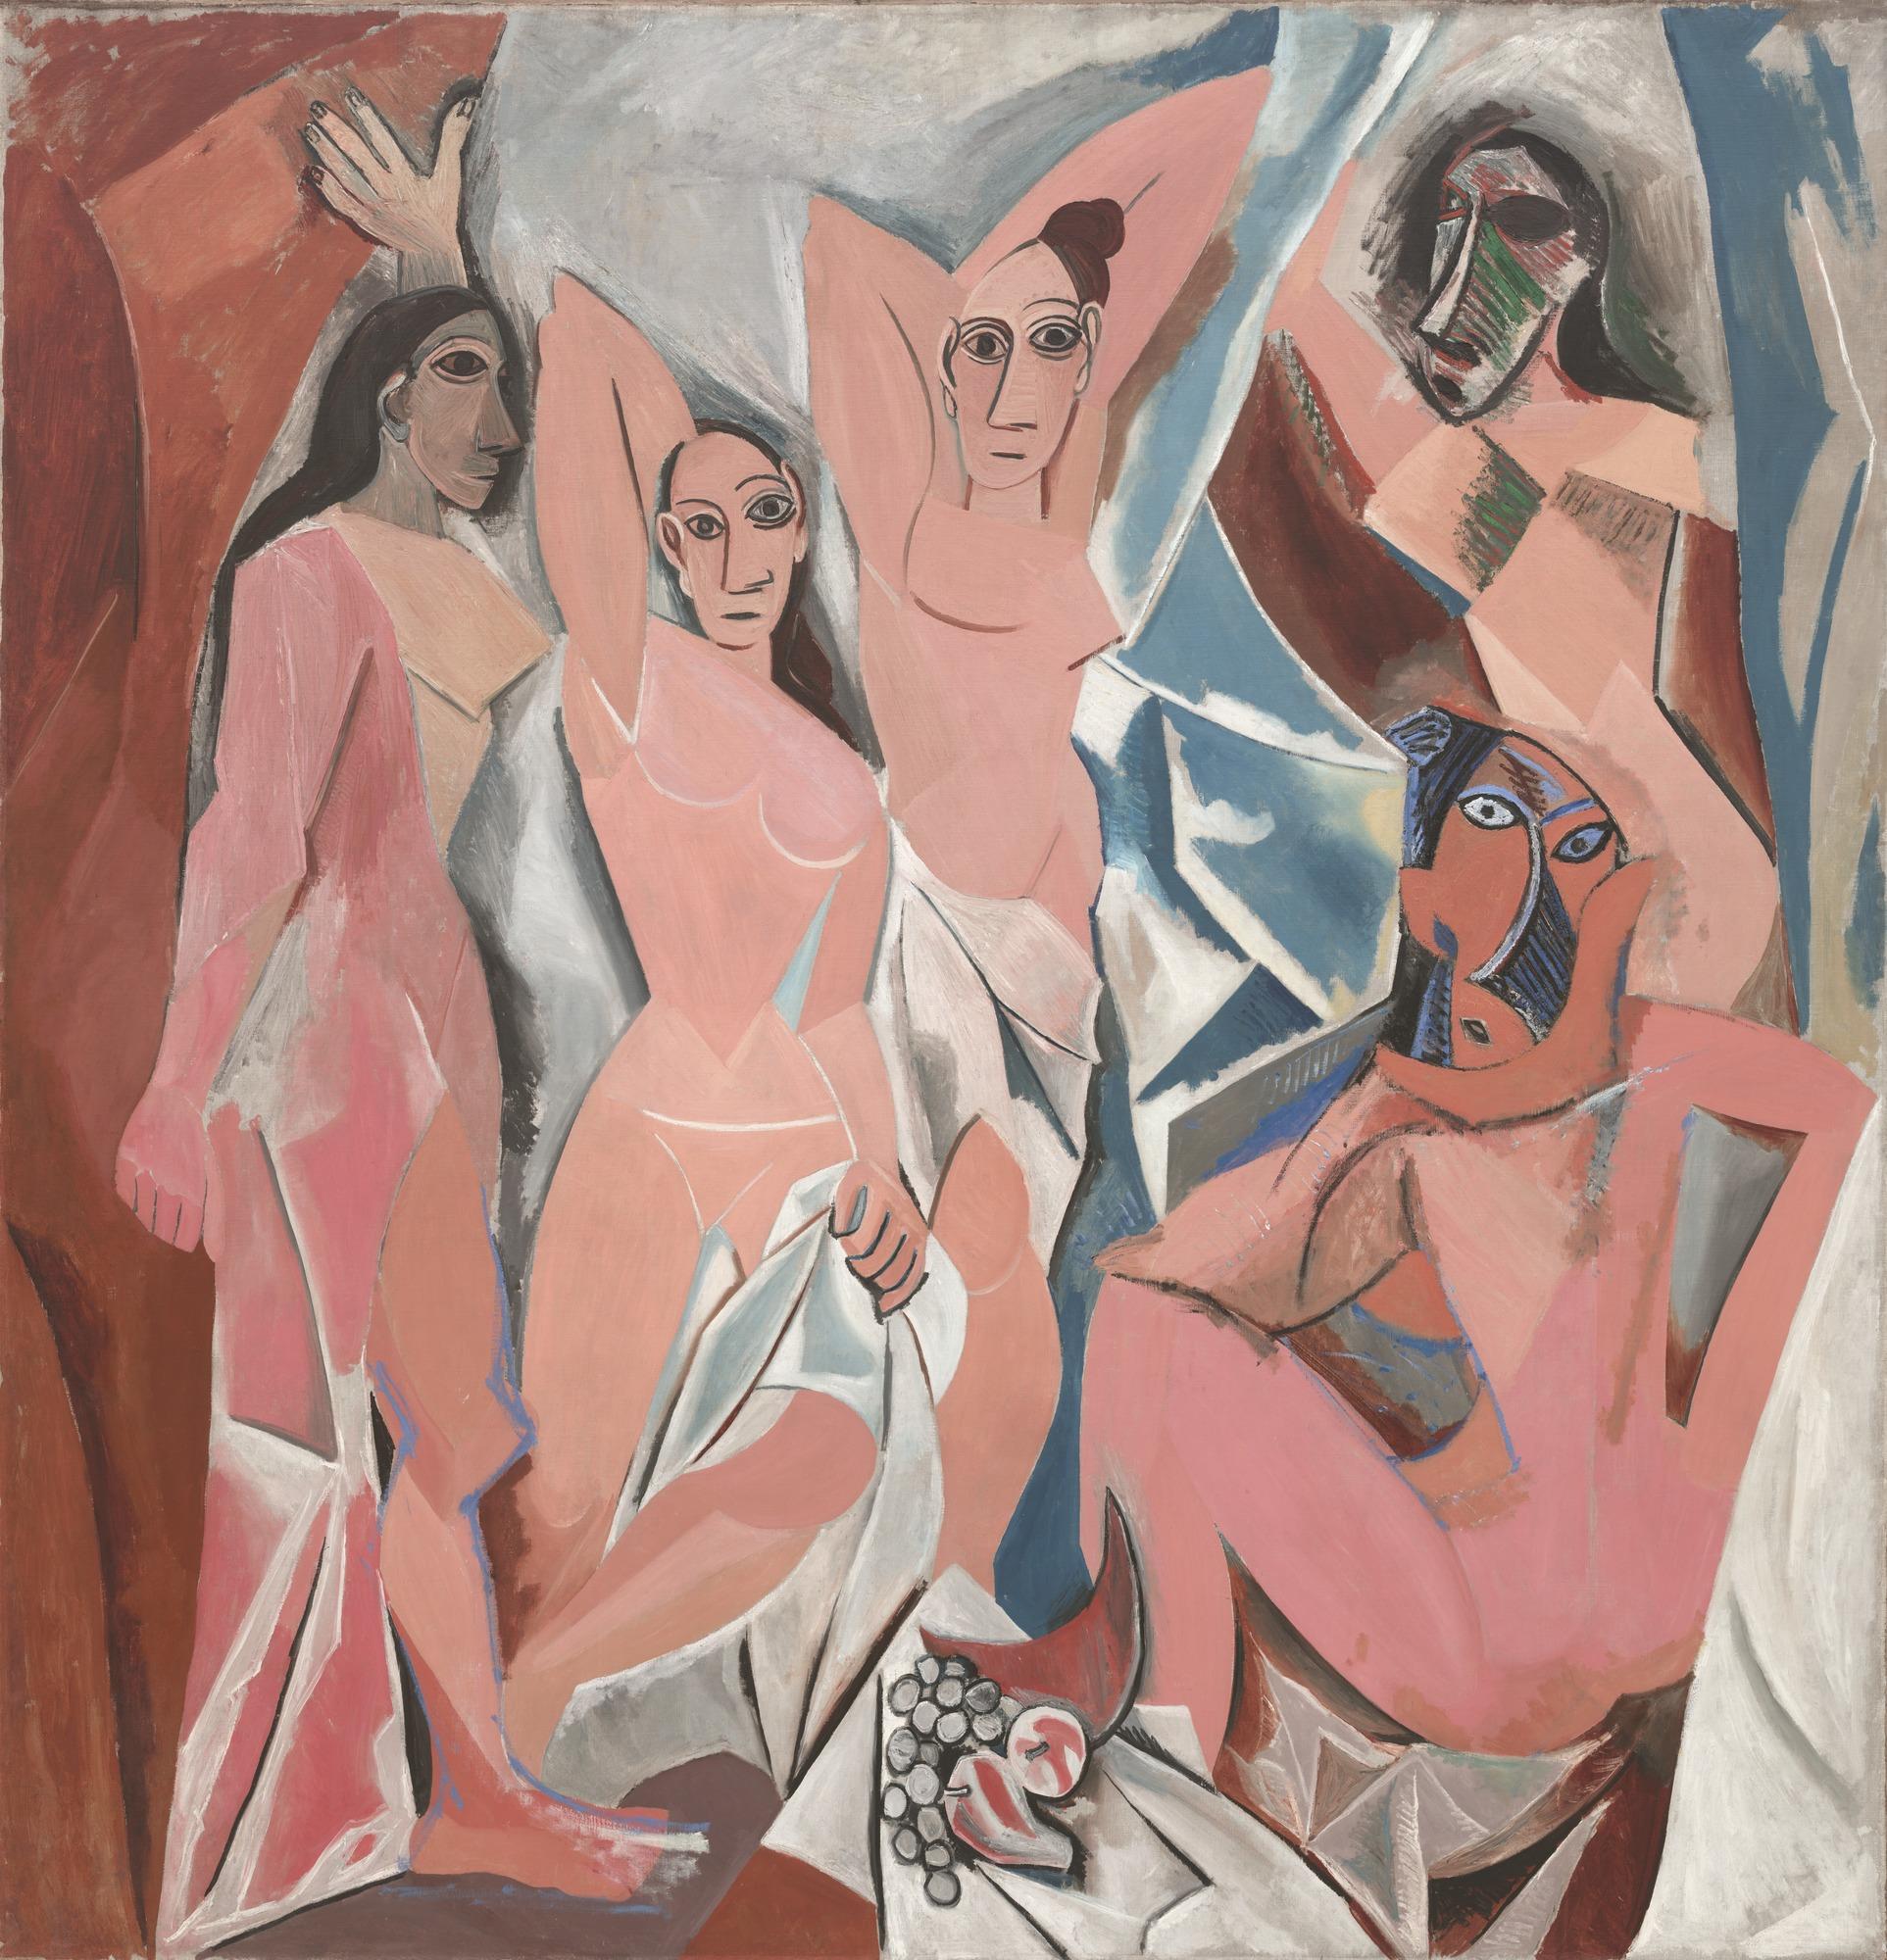 """Pablo Picasso, """"Les Demoiselles d'Avignon,"""" Paris, June-July 1907."""